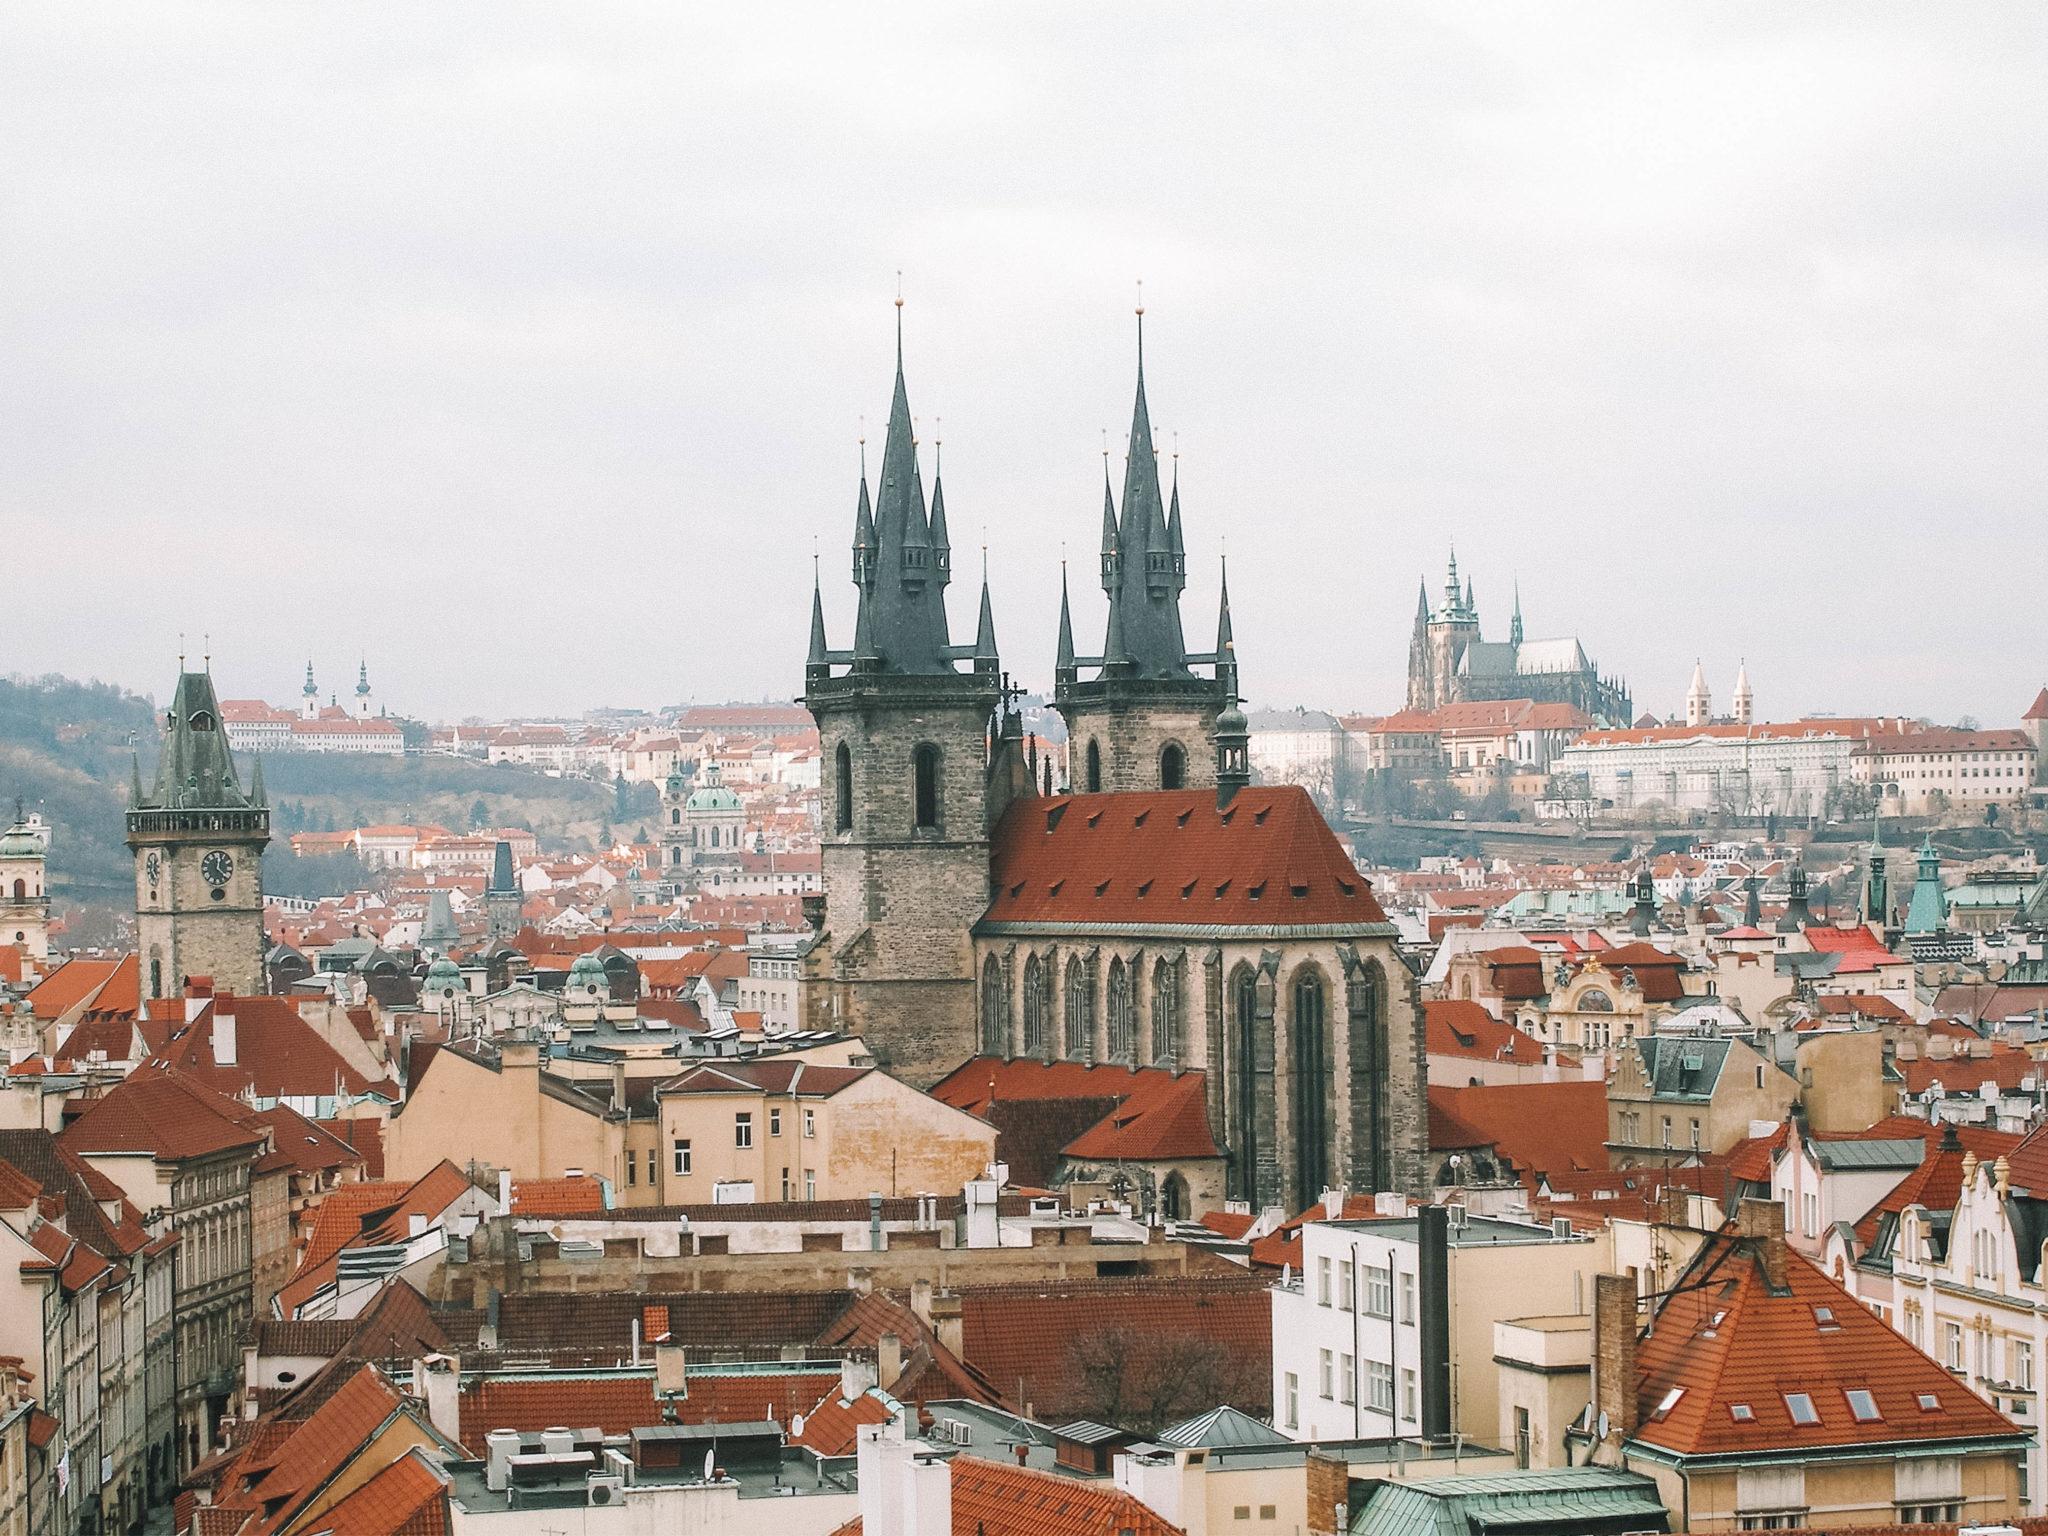 Vue aérienne sur la place de la vieille ville